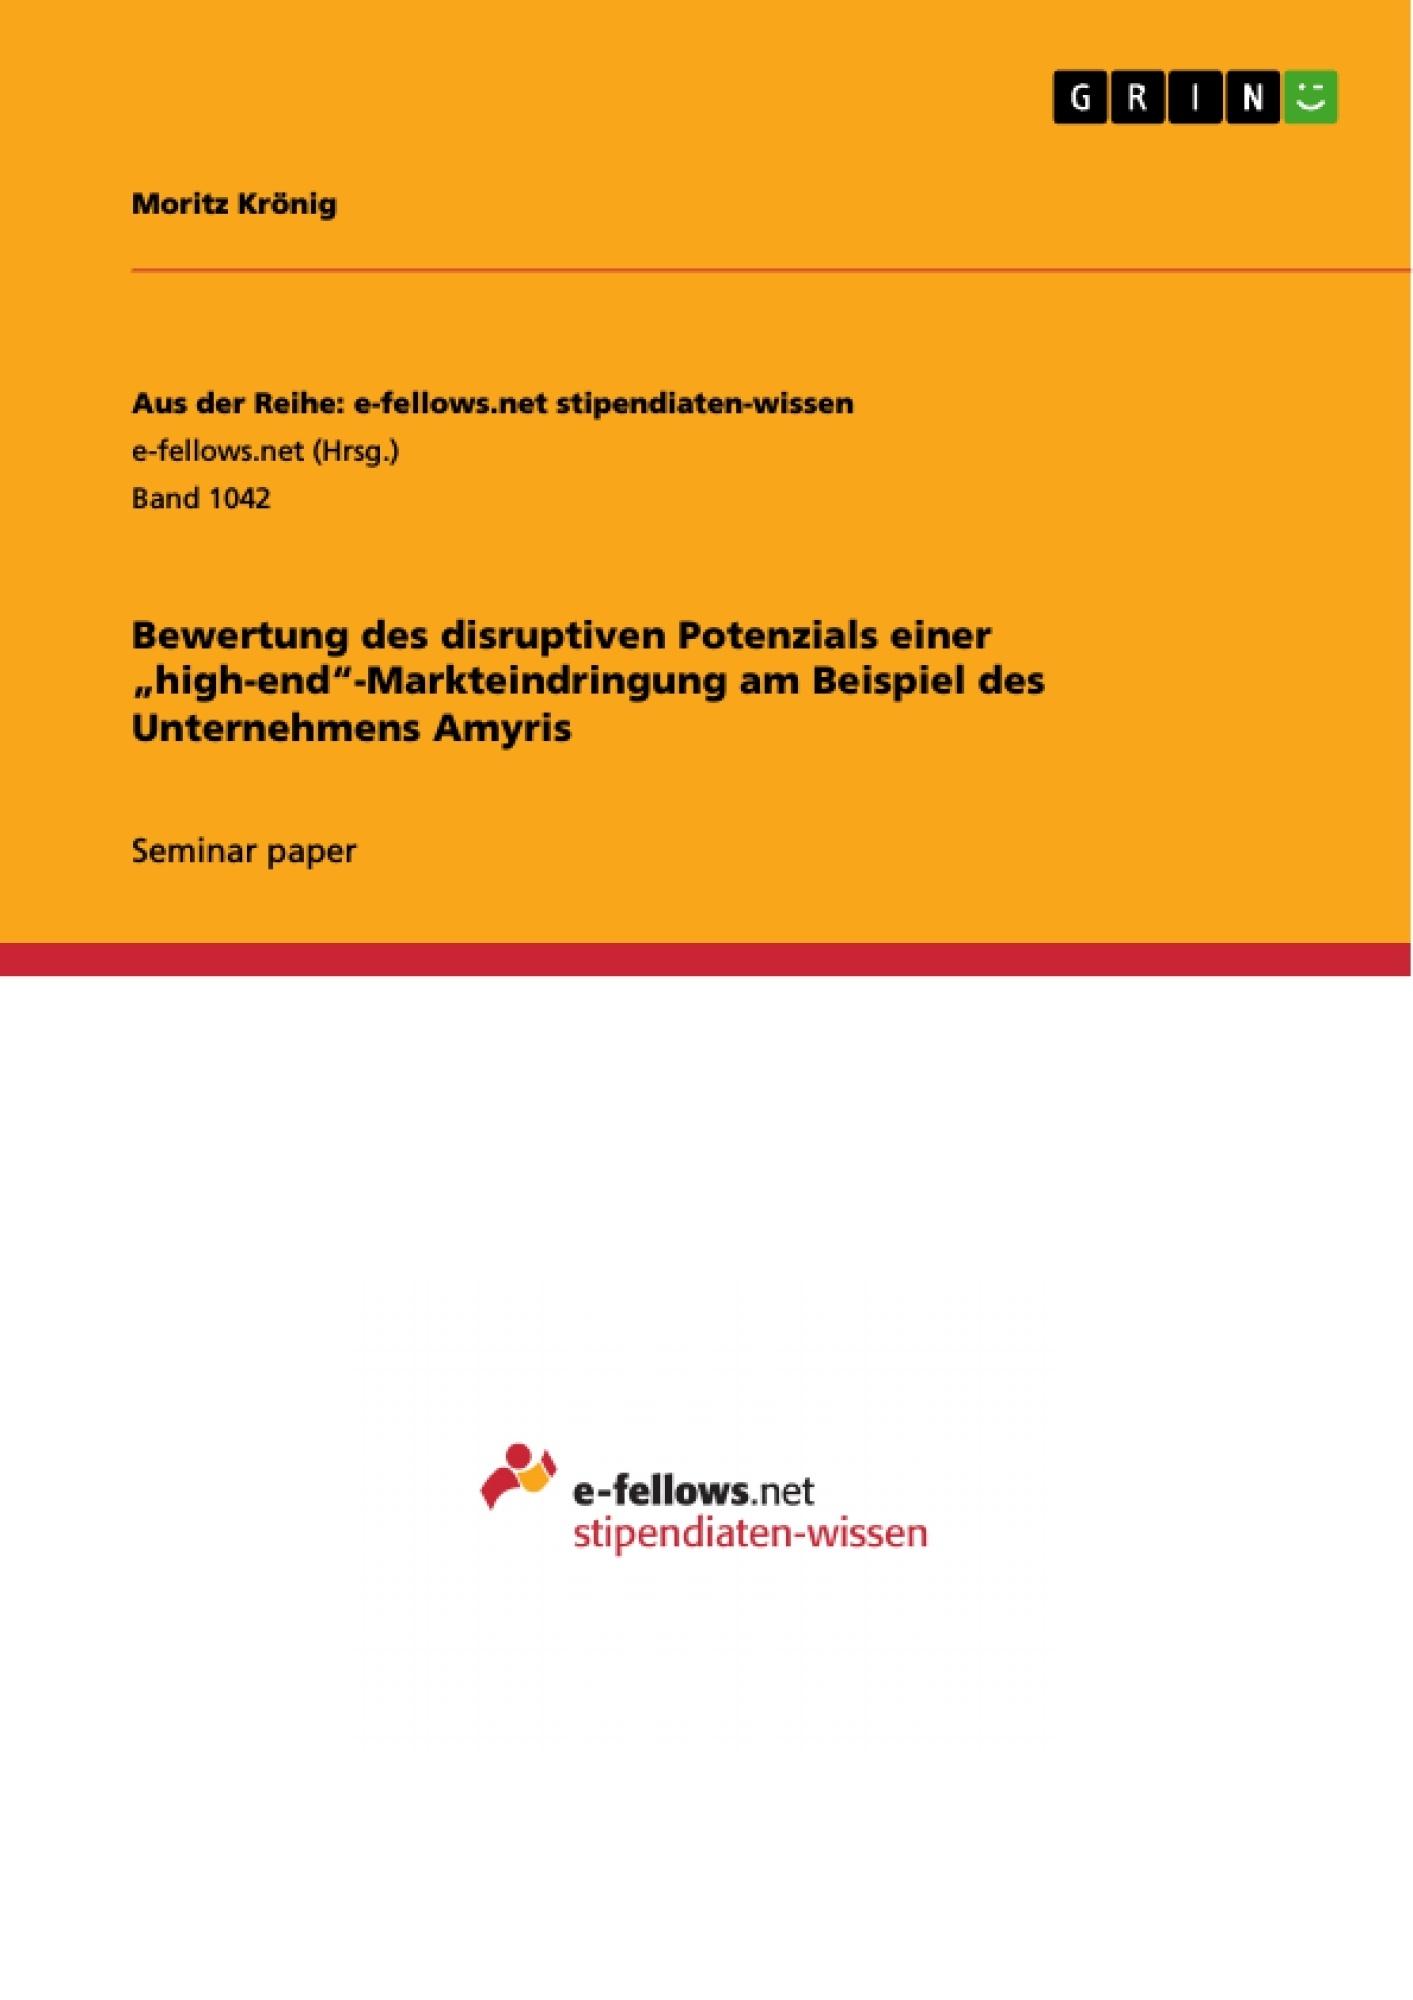 """Title: Bewertung des disruptiven Potenzials einer """"high-end""""-Markteindringung am Beispiel des Unternehmens Amyris"""